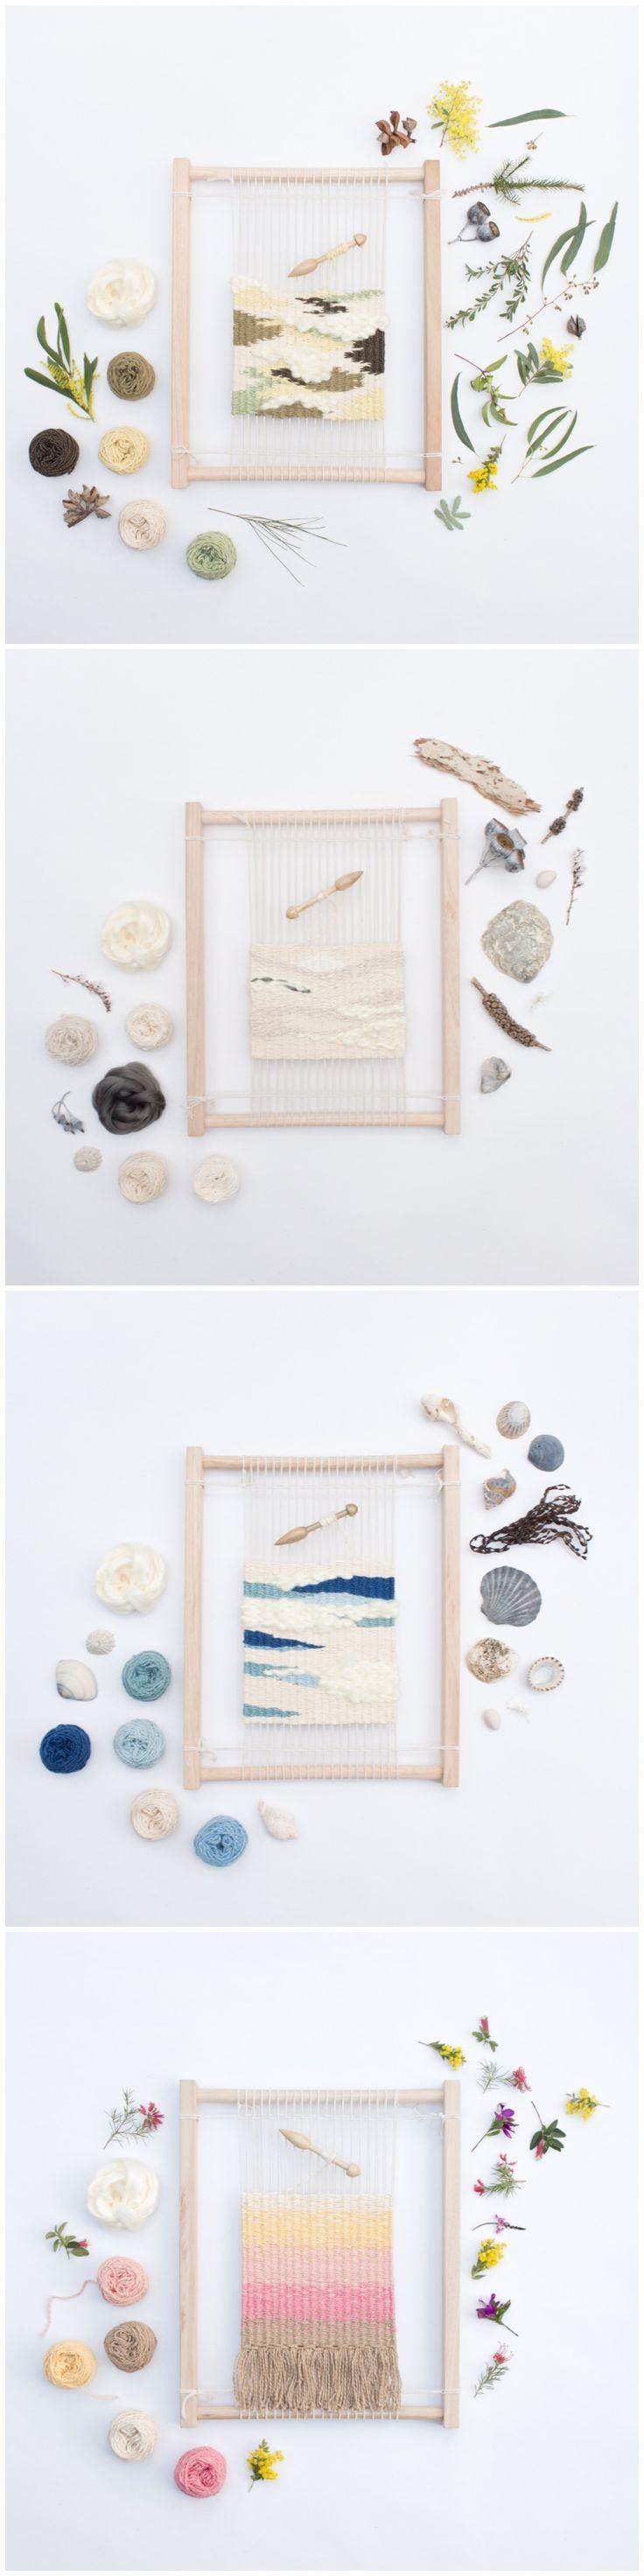 35 besten DIY Home Bilder auf Pinterest